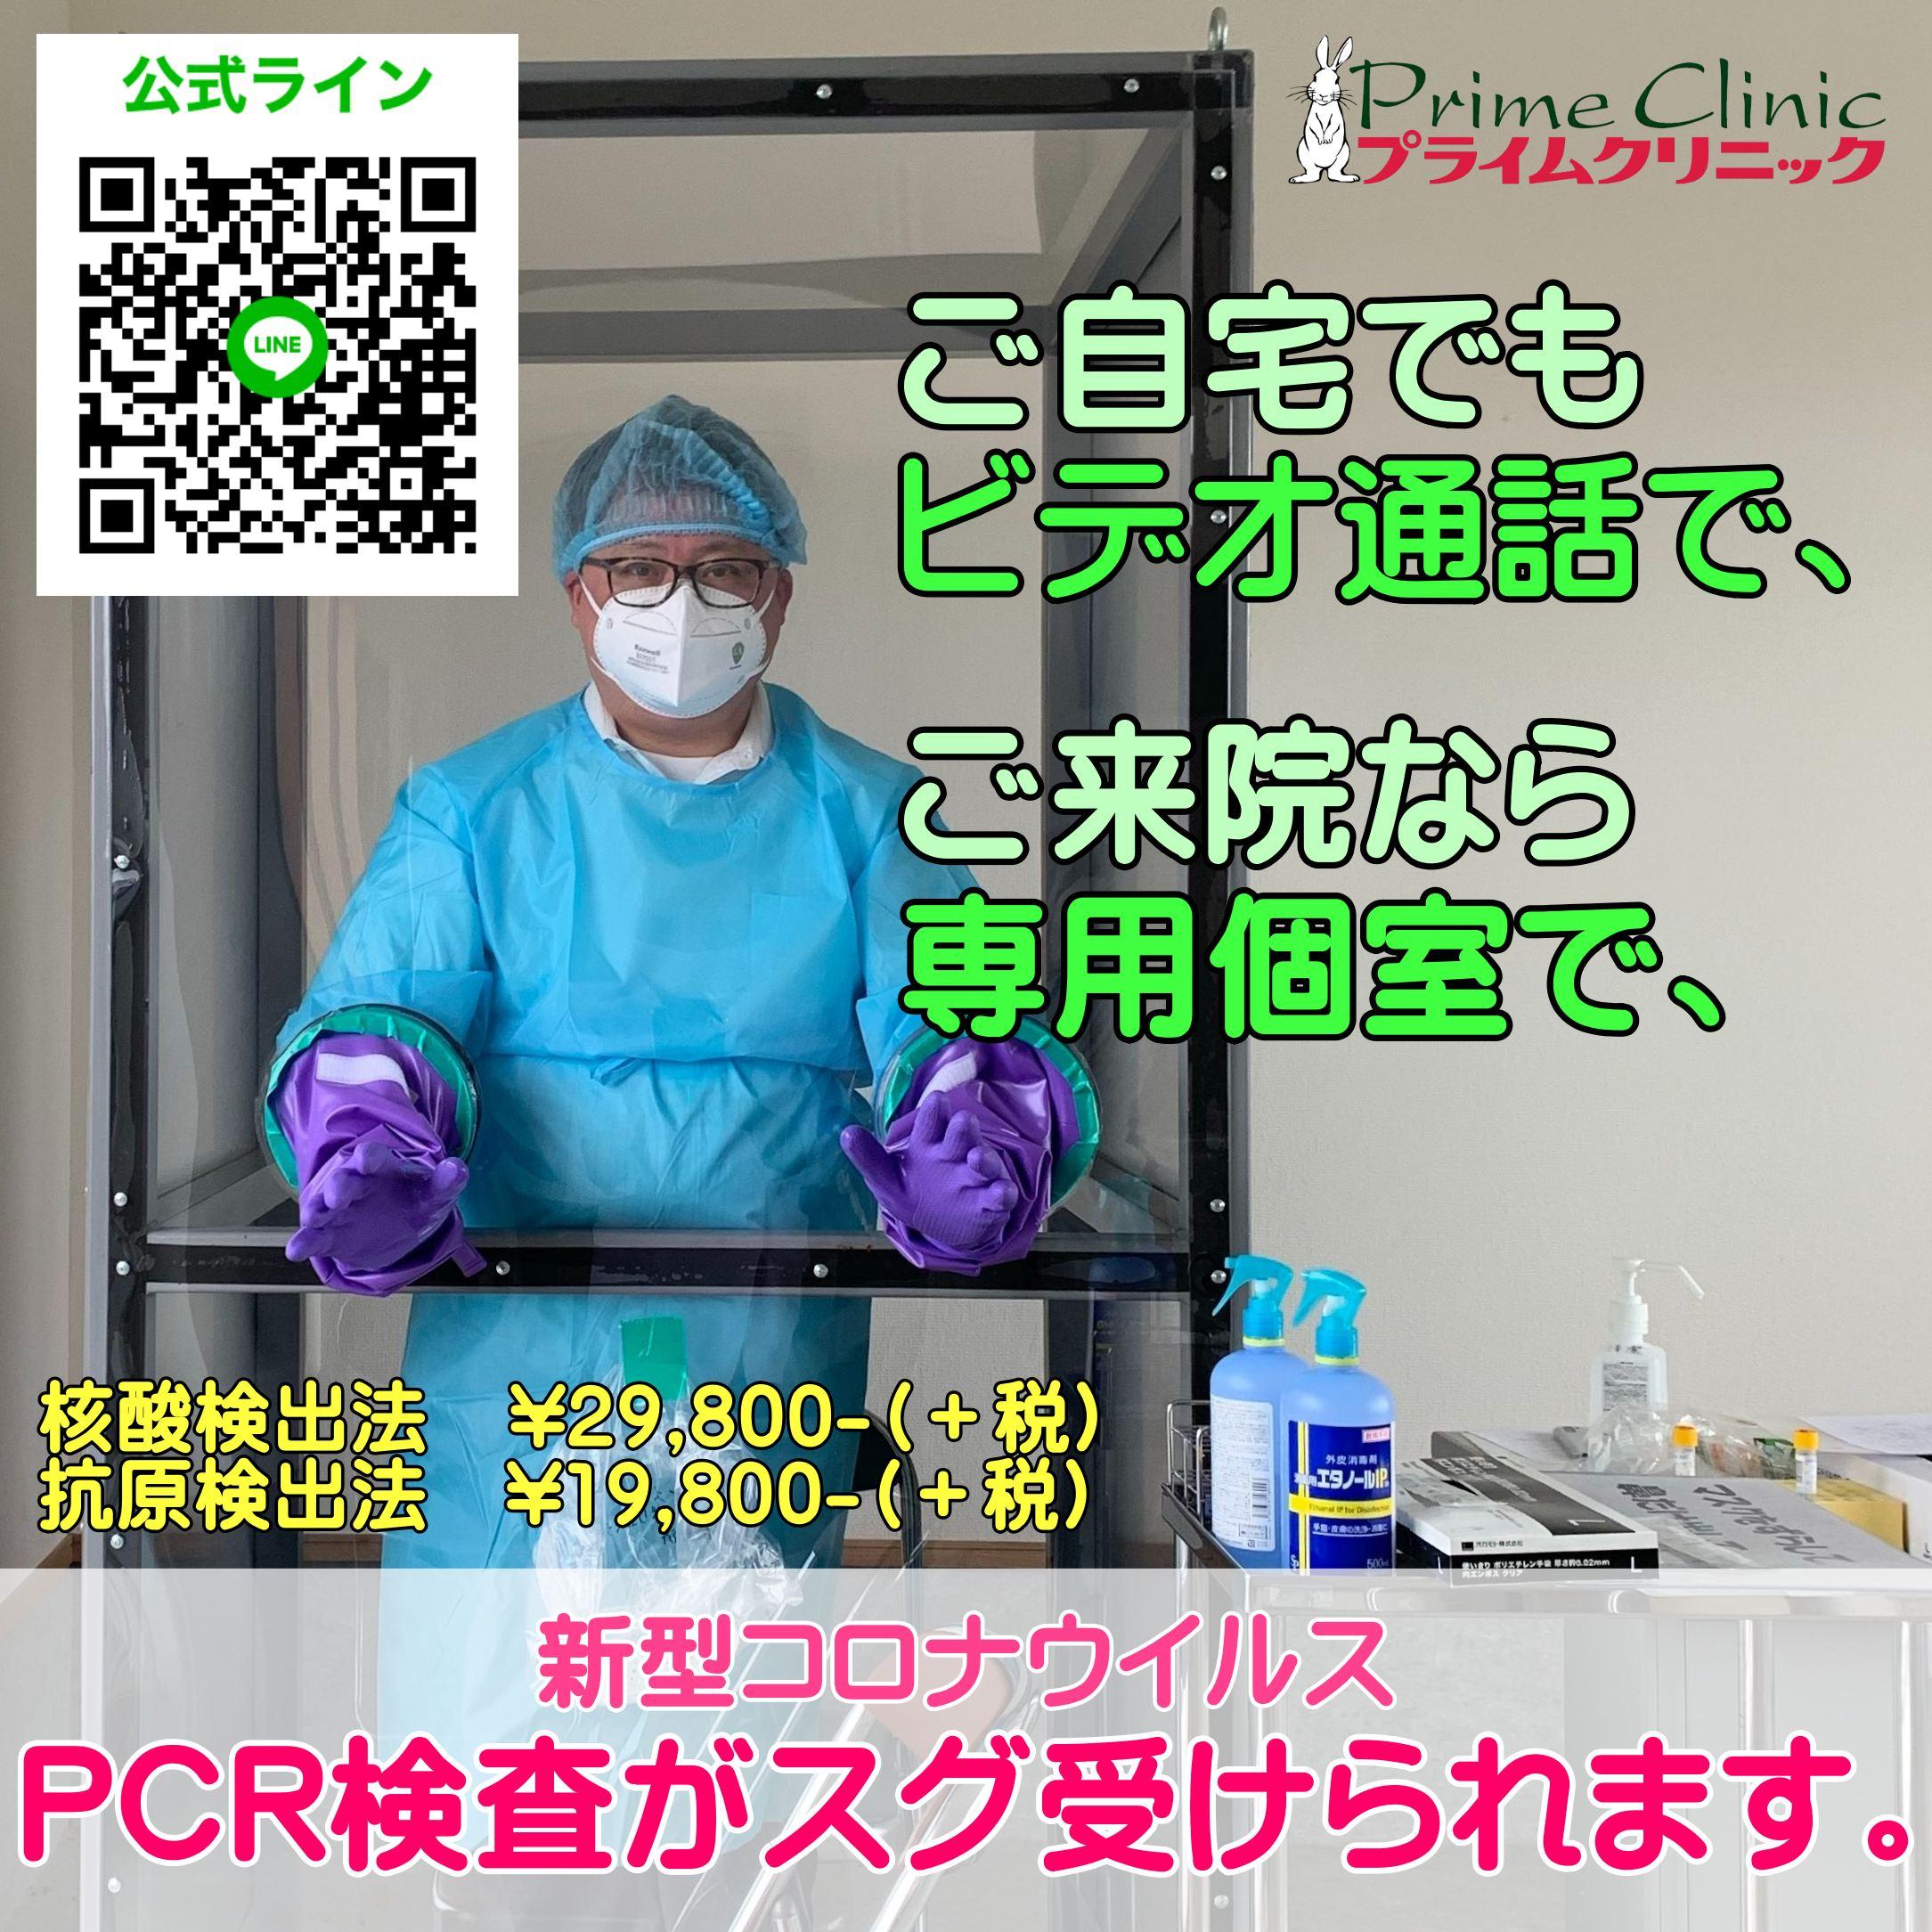 オンライン診療のイメージ